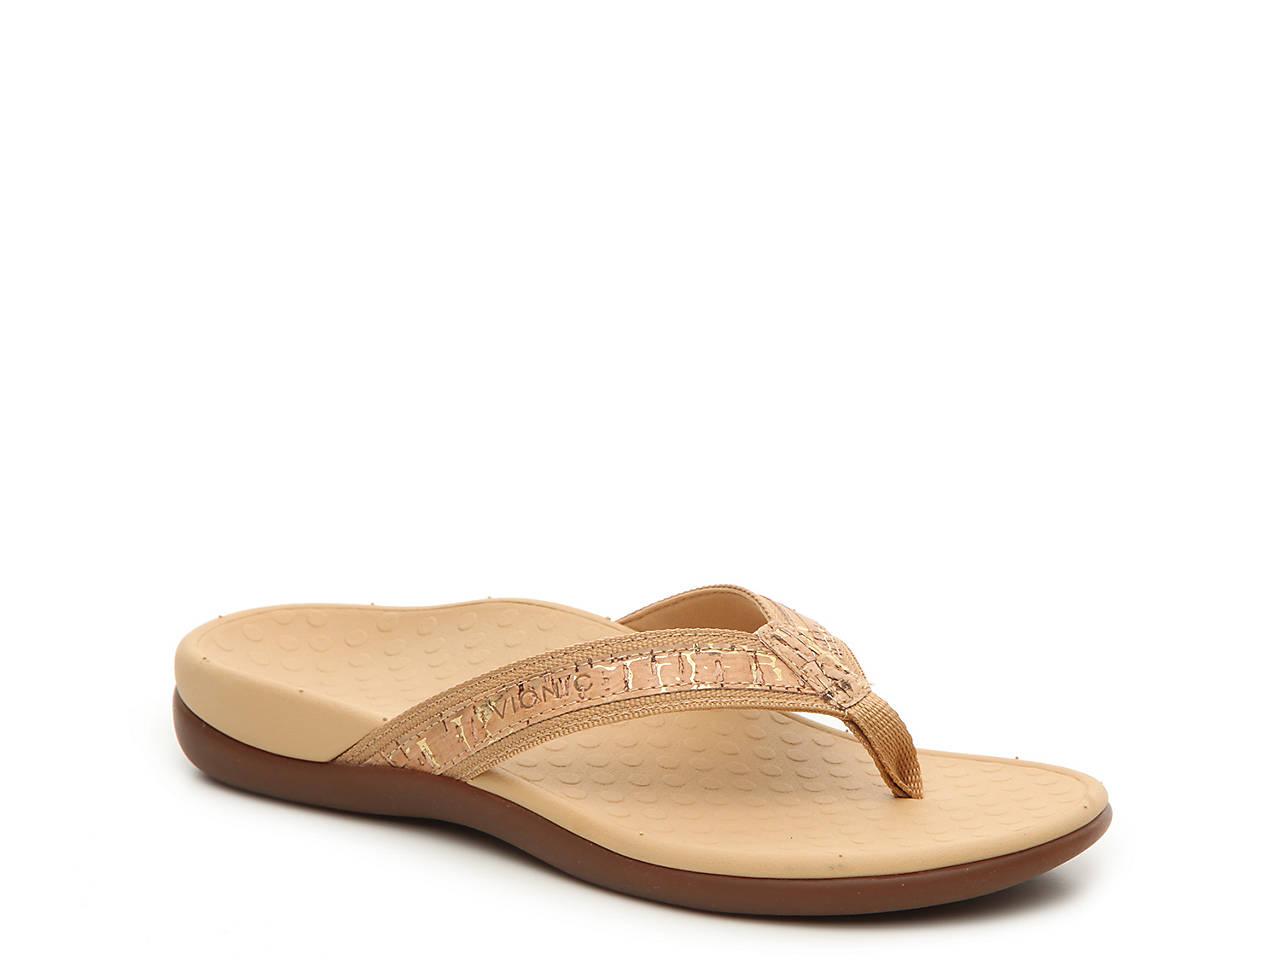 Tide II Flat Sandal. Vionic